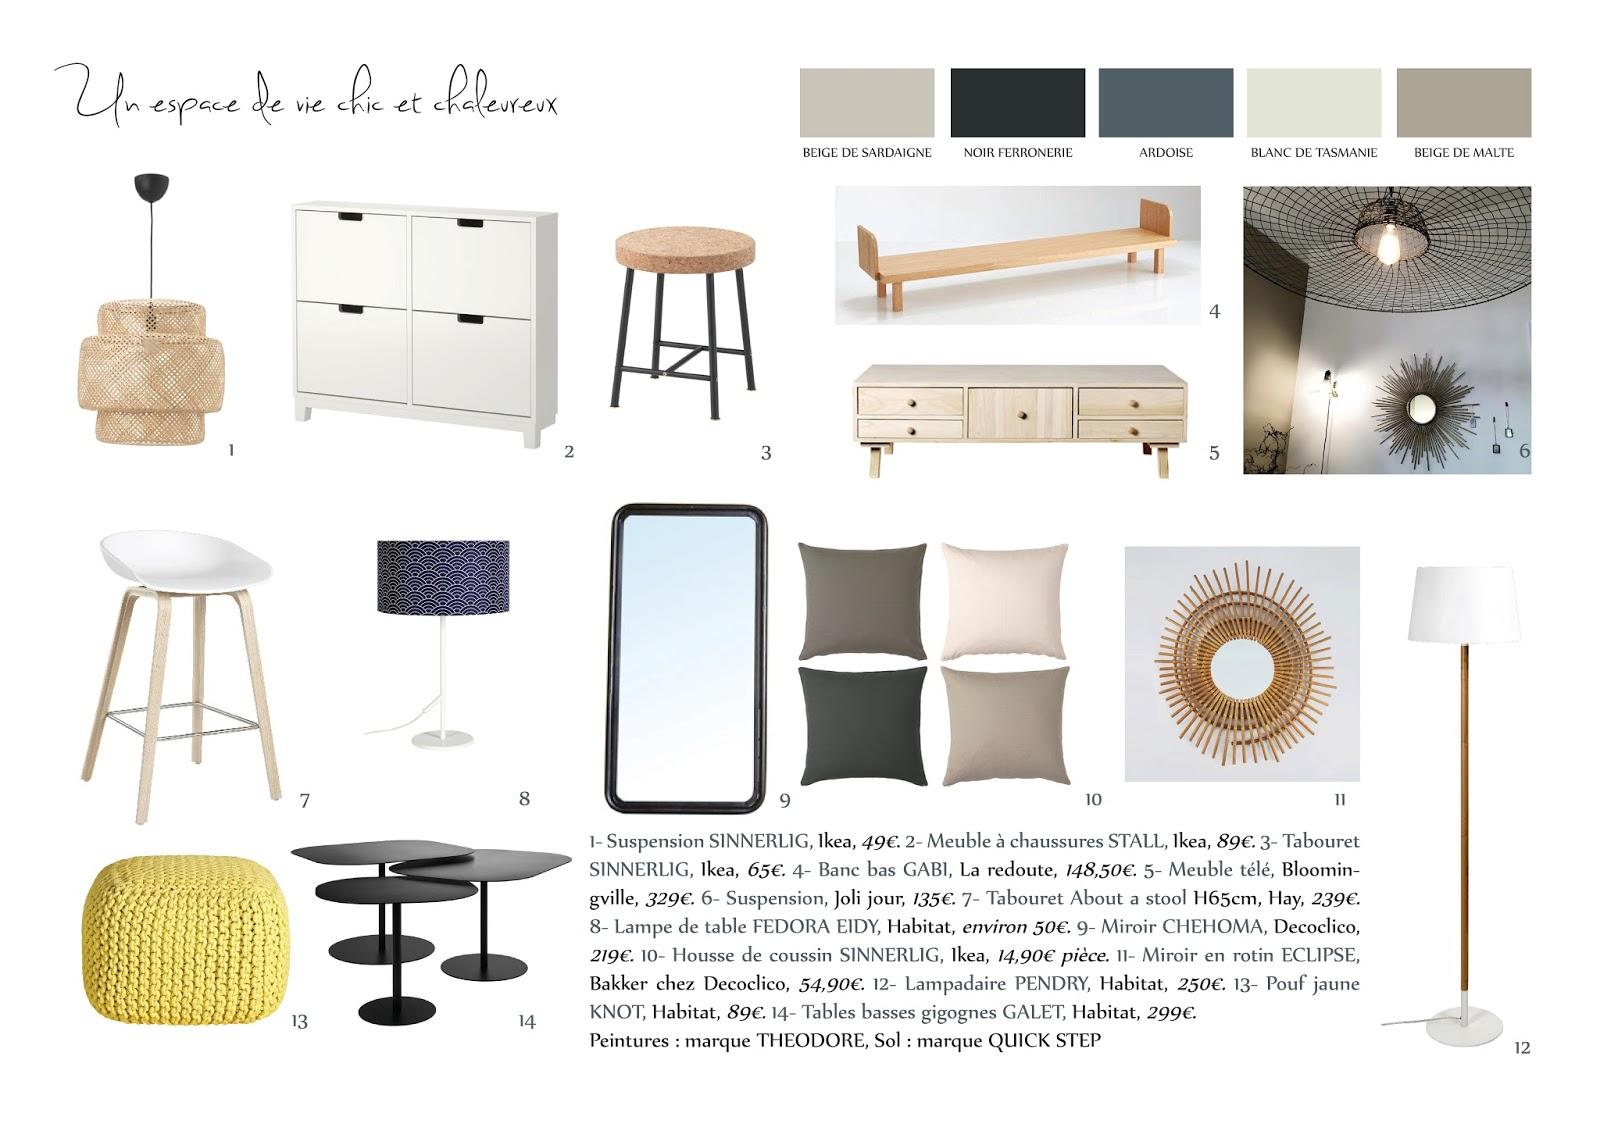 adc l 39 atelier d 39 c t am nagement int rieur design d 39 espace et d coration un projet. Black Bedroom Furniture Sets. Home Design Ideas